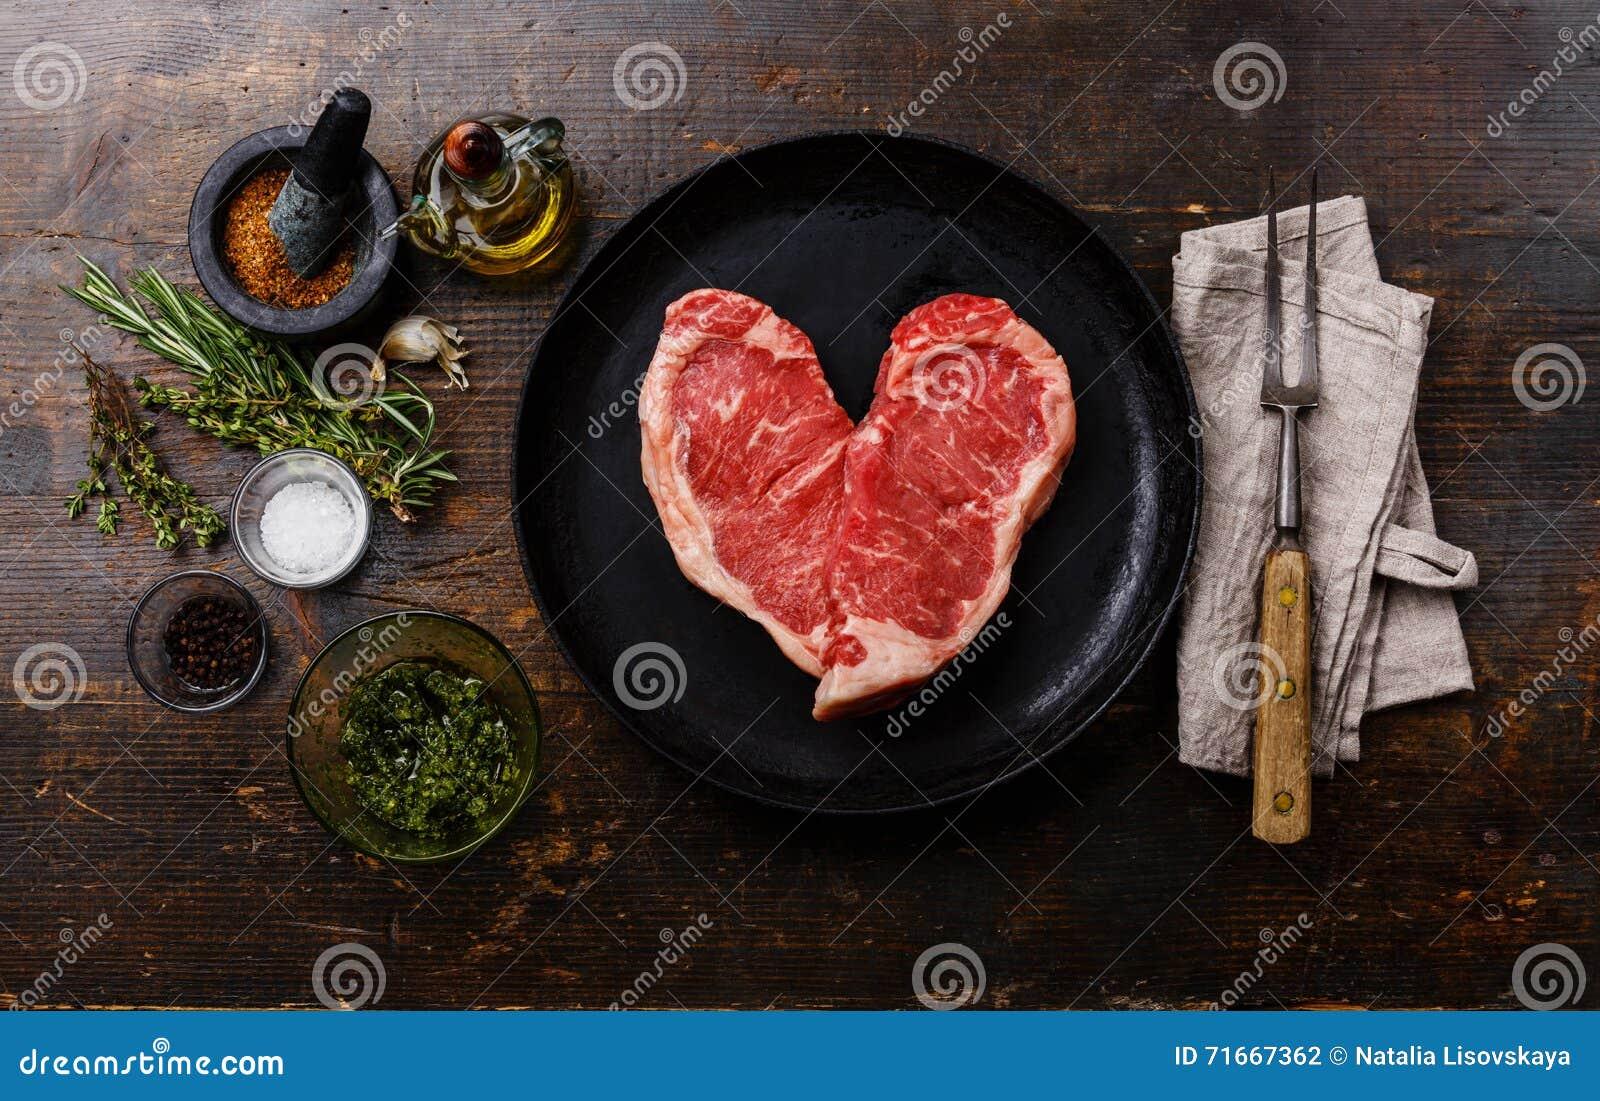 Biff för rått kött för hjärtaform med ingredienser